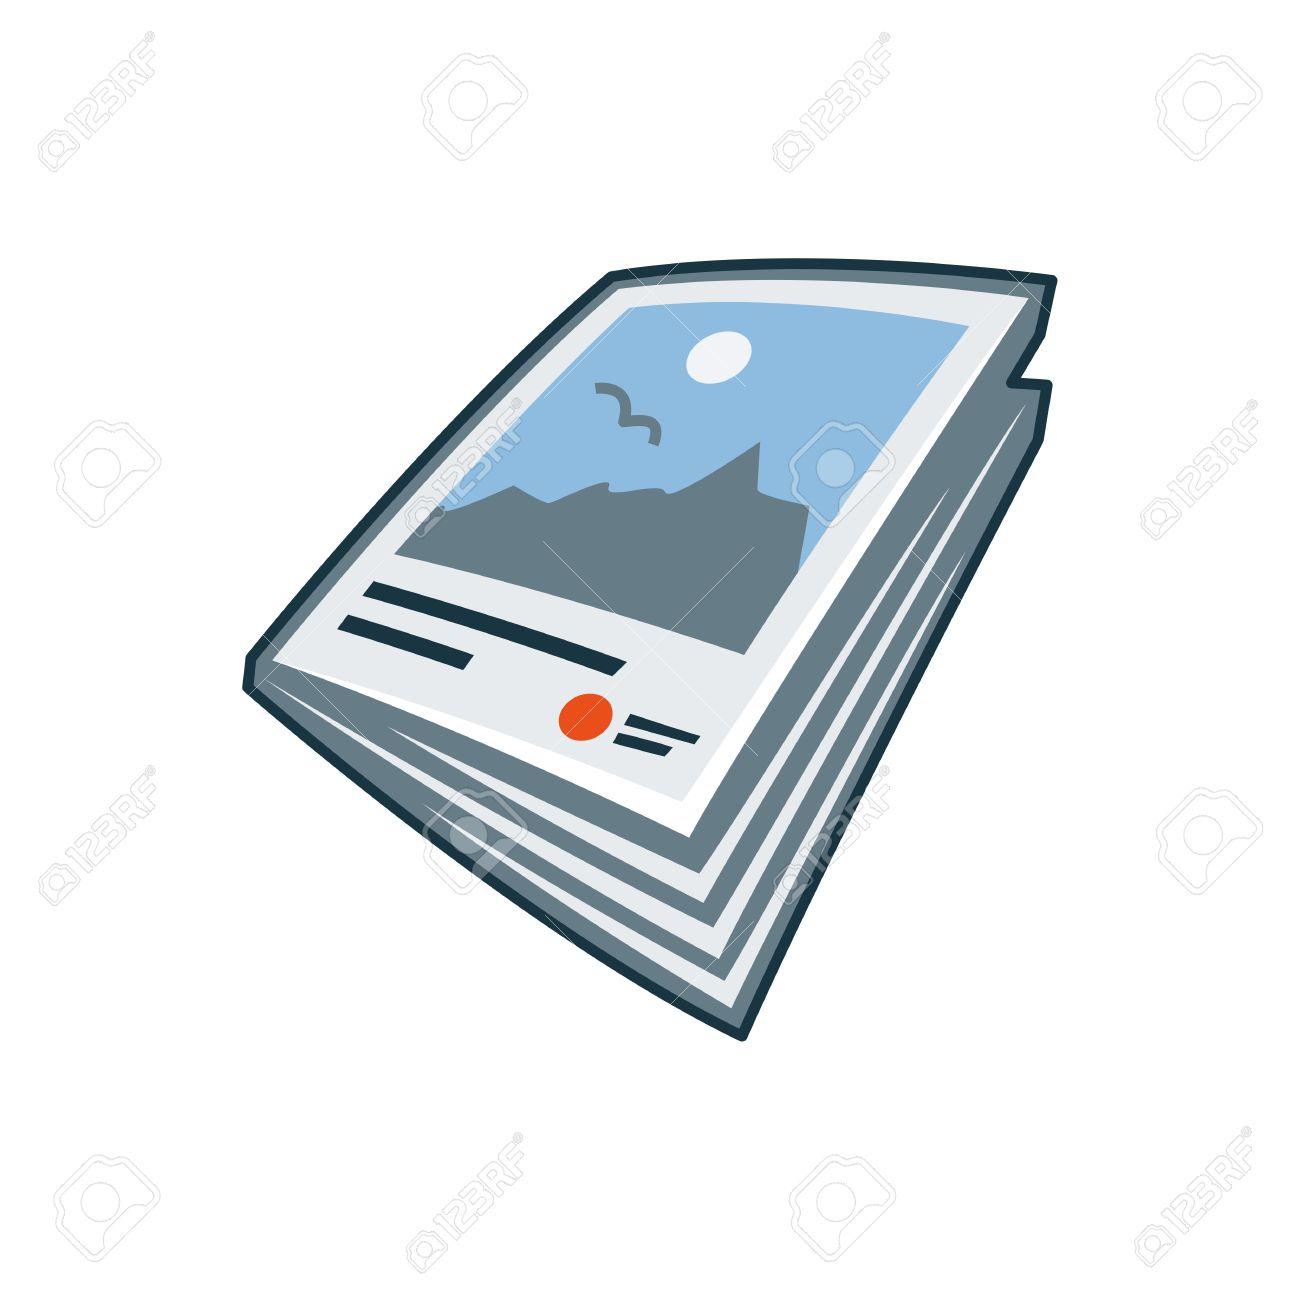 漫画のスタイルの印刷出版アイコン シリーズの簡易分離雑誌や